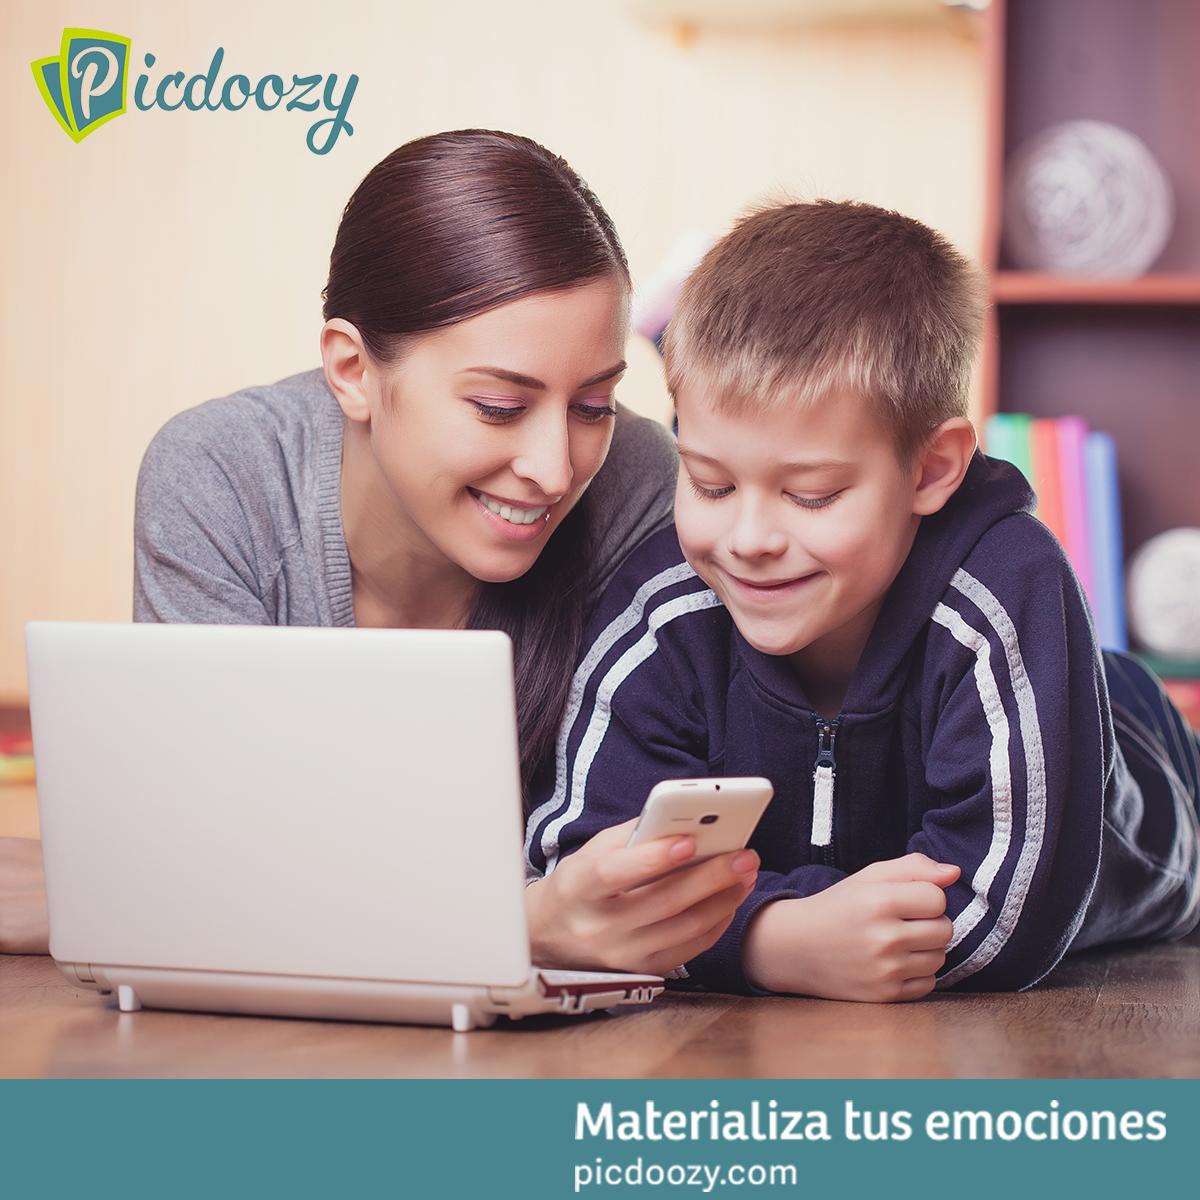 ¡Regálale a tu mamá increíbles recuerdos y artículos personalizados con @Picdoozy!